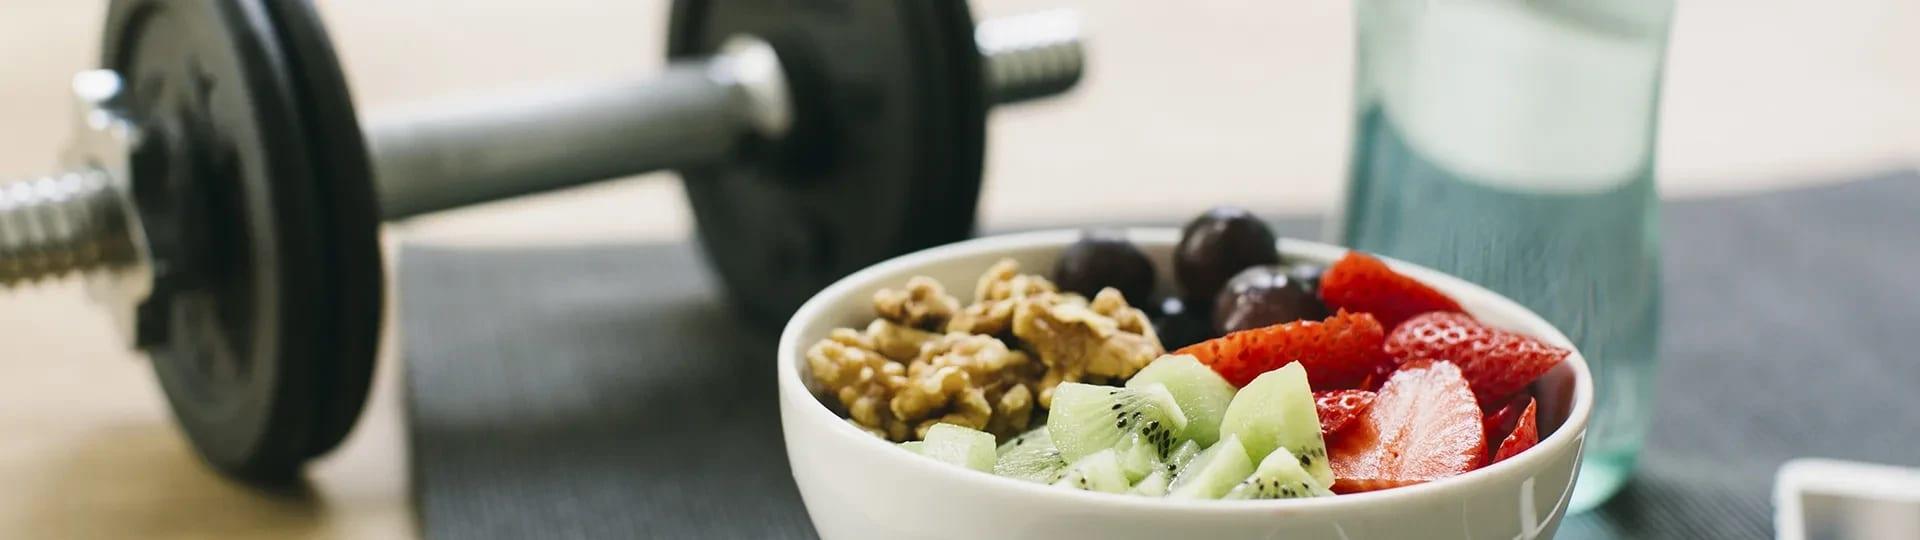 proteinrik mat efter träning